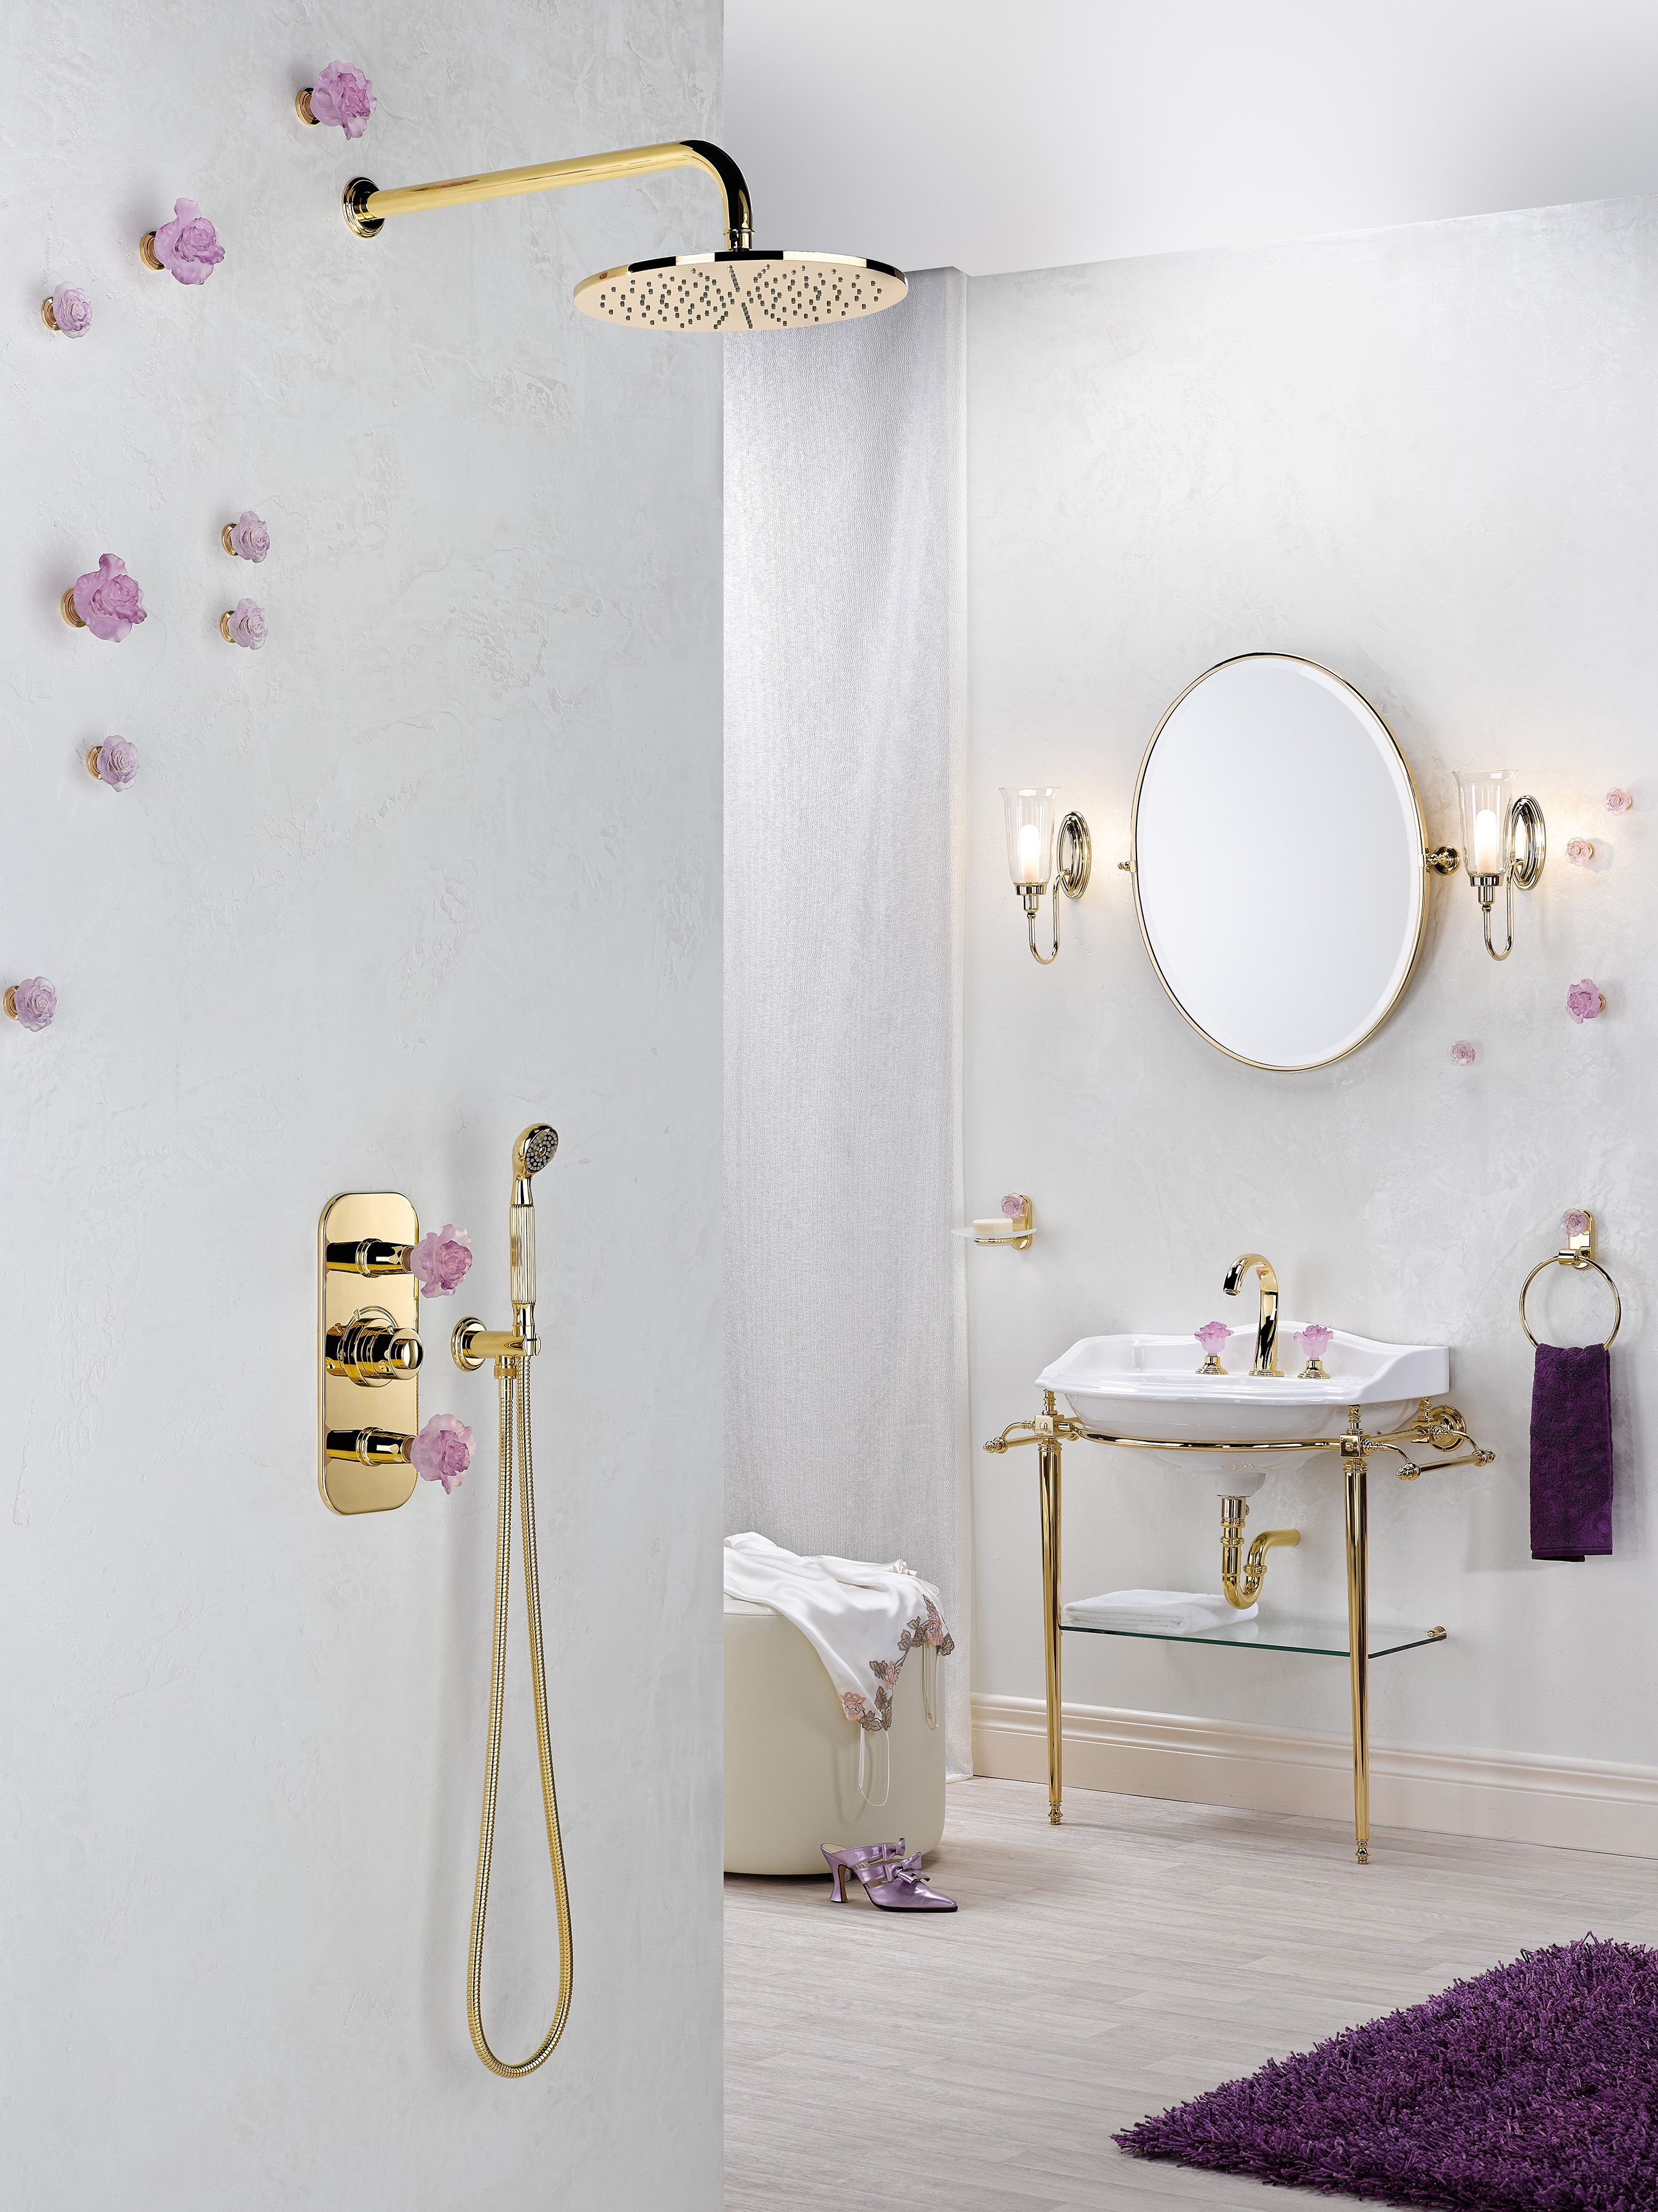 Bathroom accessories by THG-Paris | sakura inspired | Pinterest ...